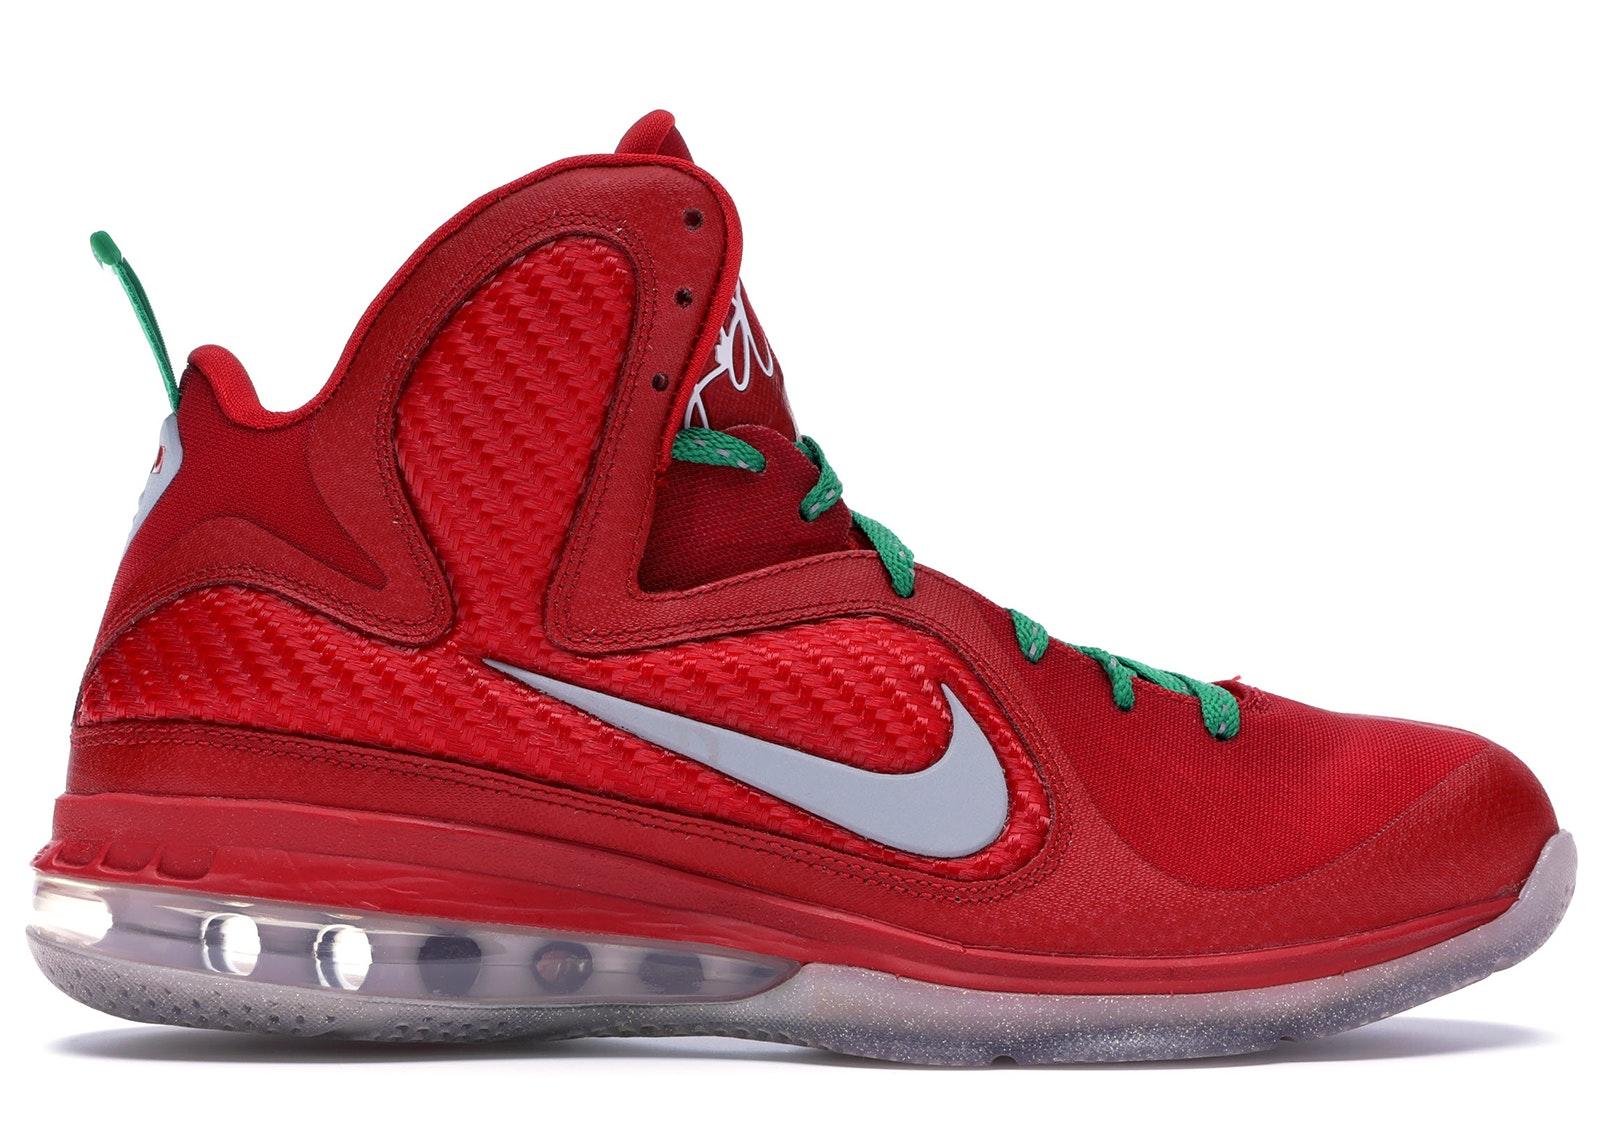 LeBron 9 Christmas